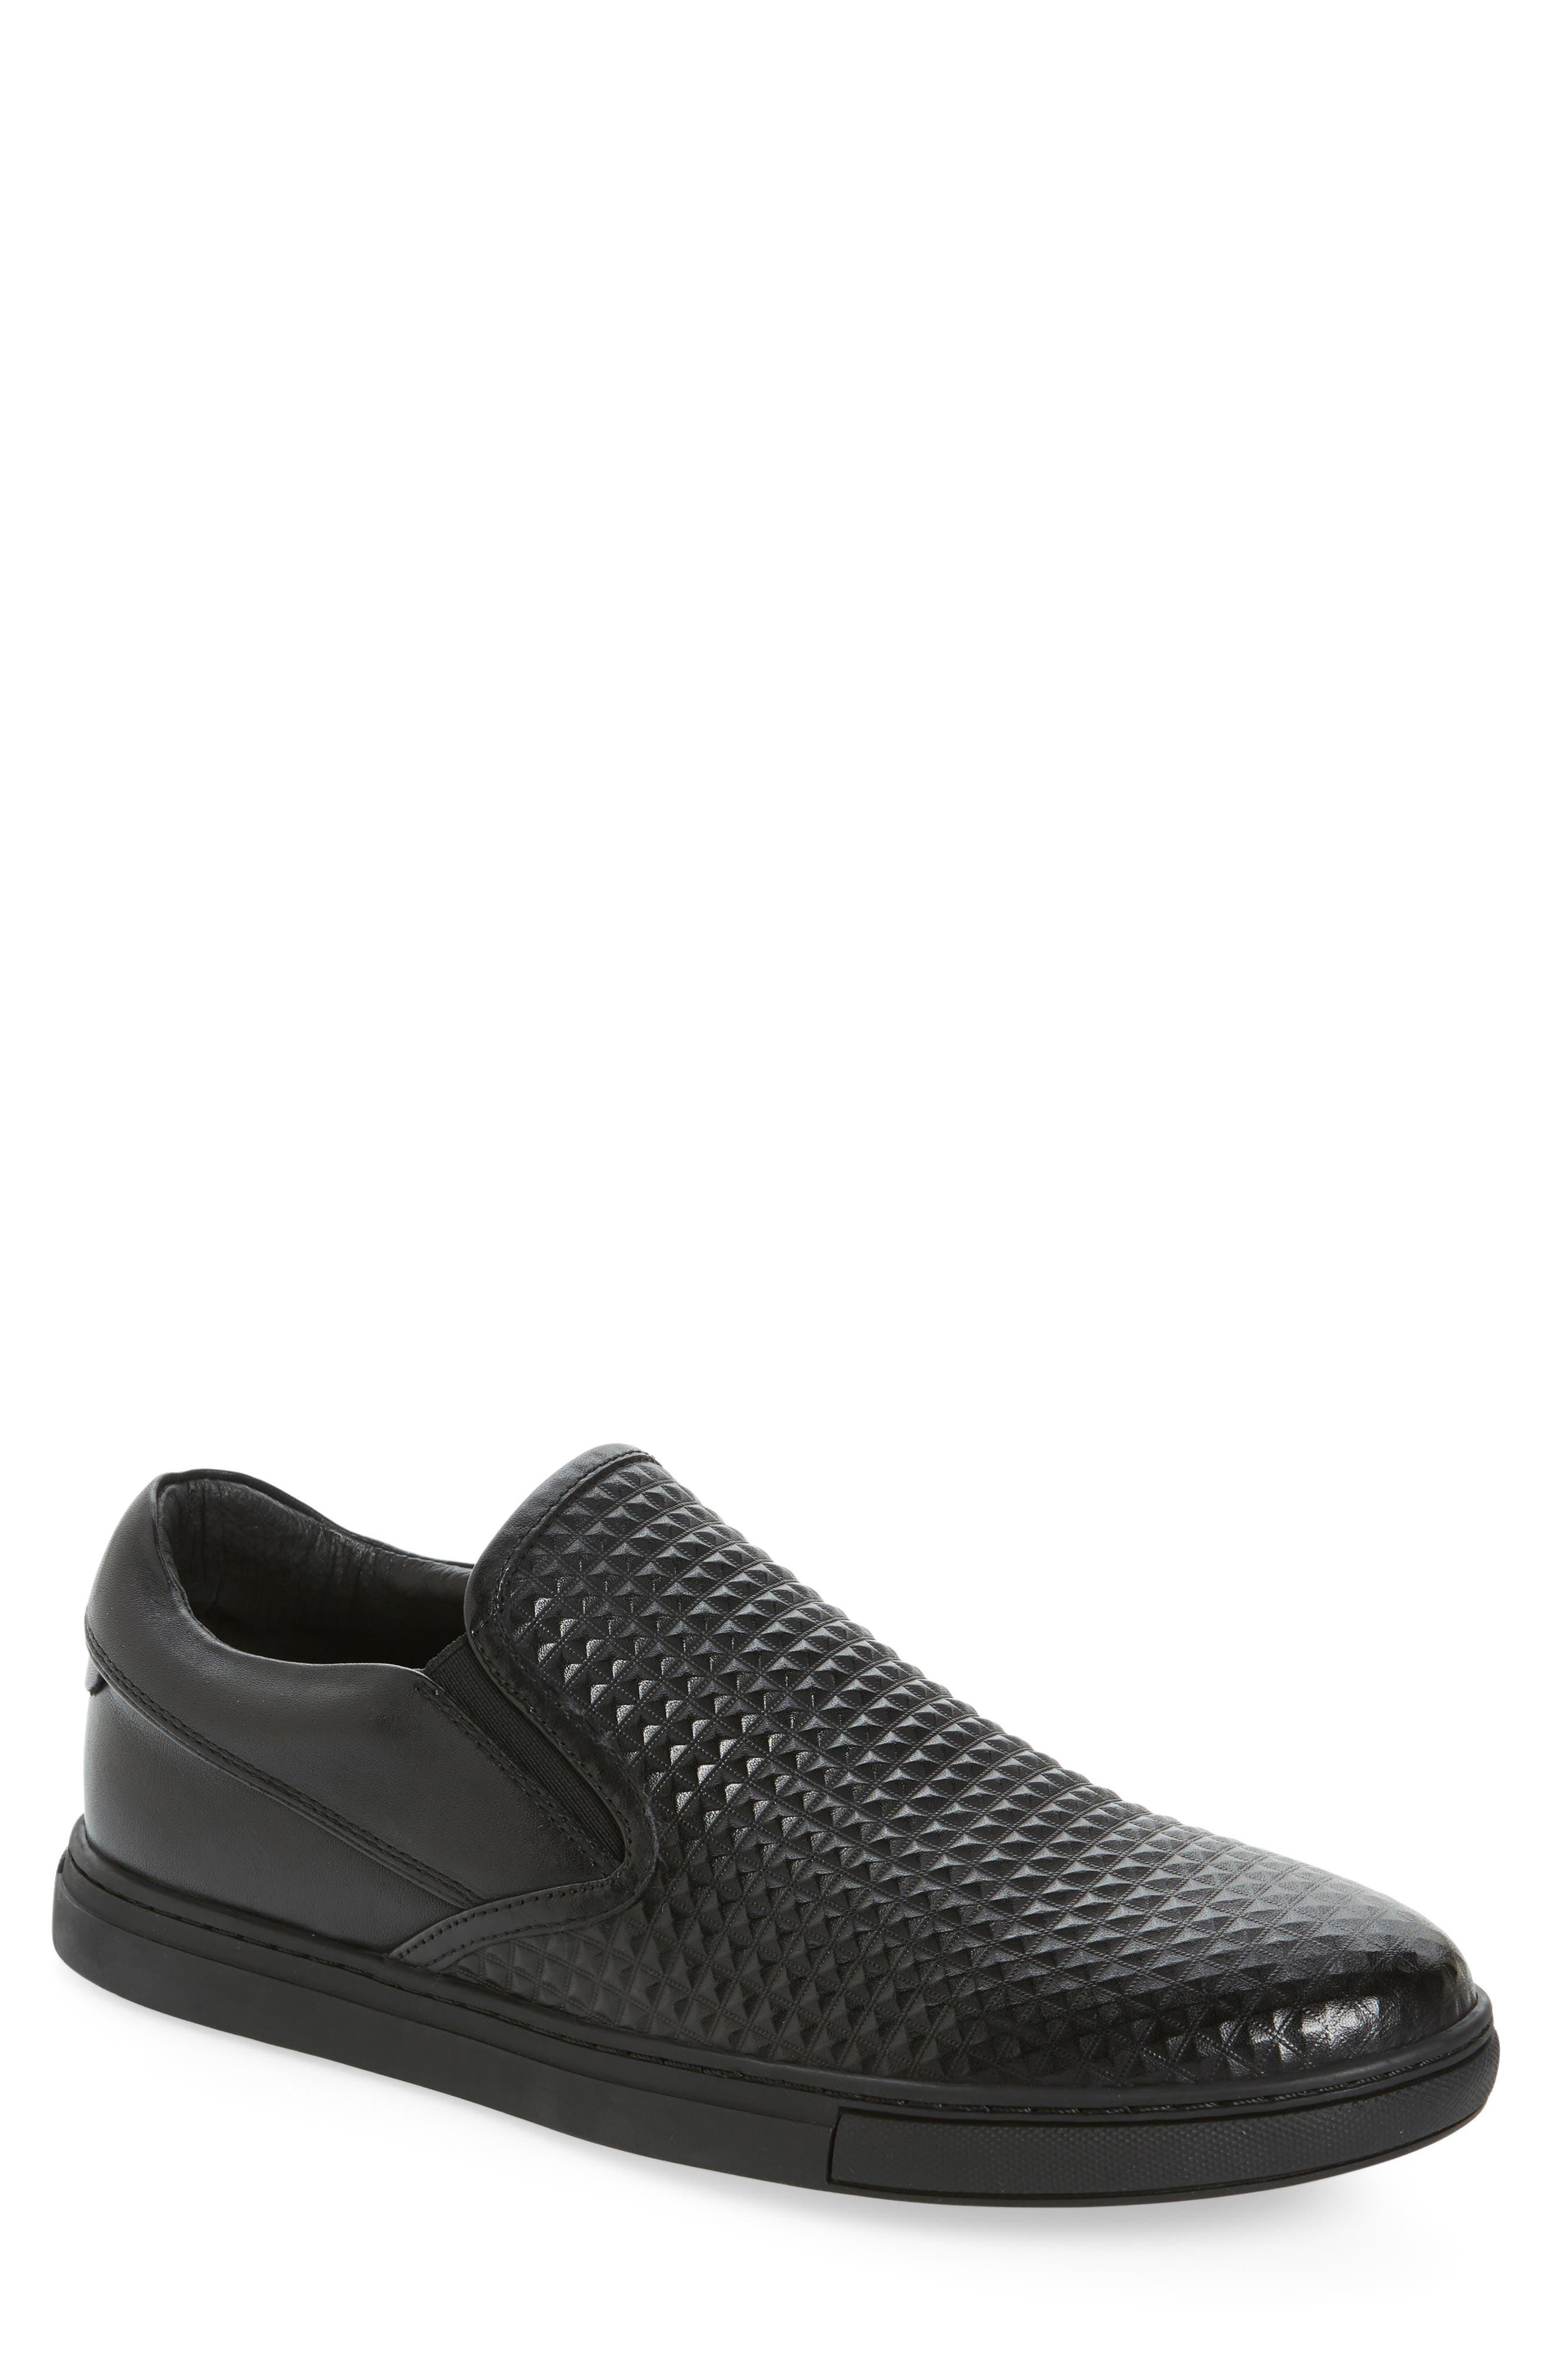 Manet Slip-On Sneaker,                         Main,                         color, 001